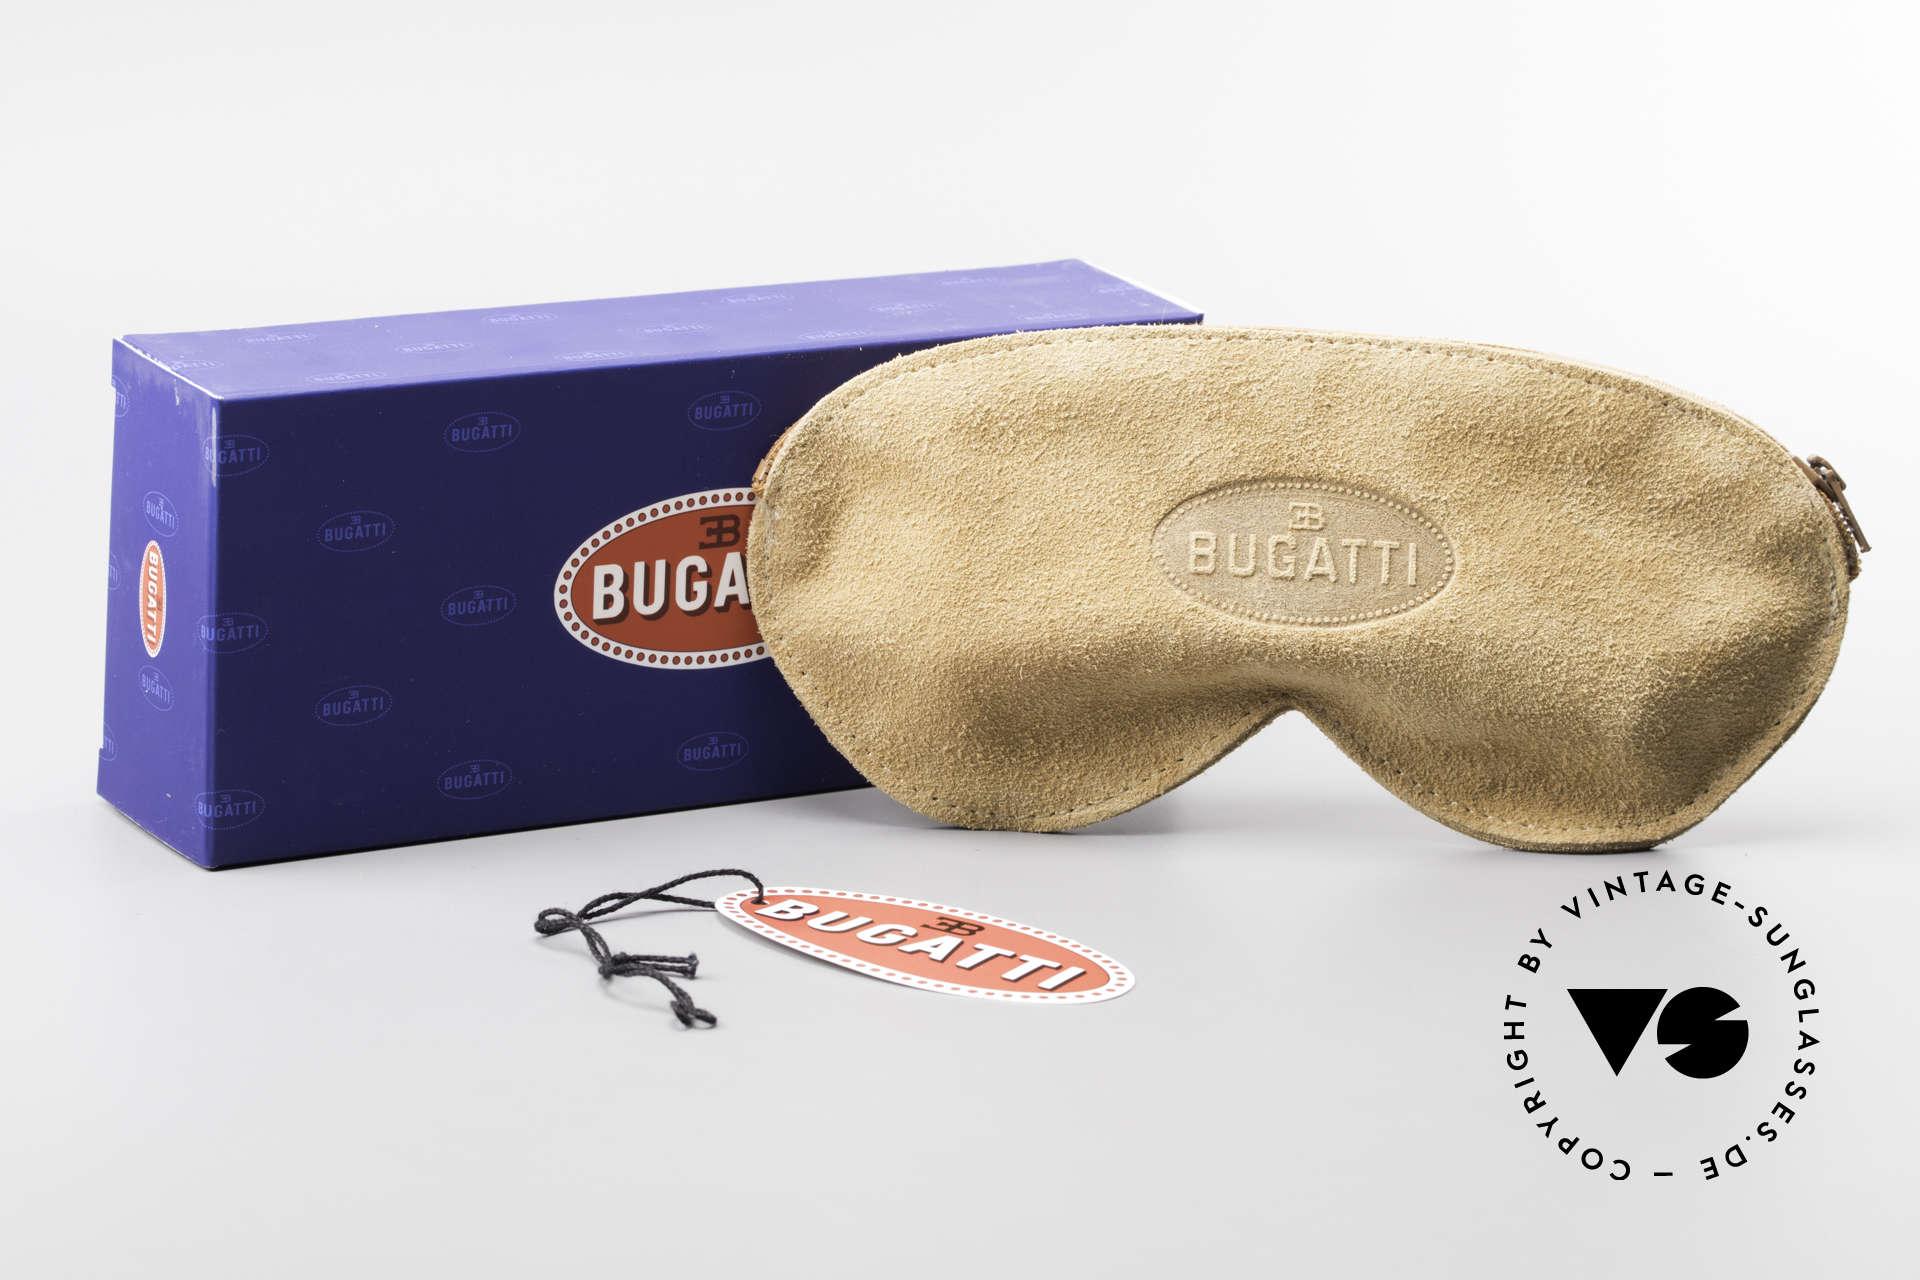 Bugatti 11946 Large 80's Luxury Eyeglasses, Size: large, Made for Men